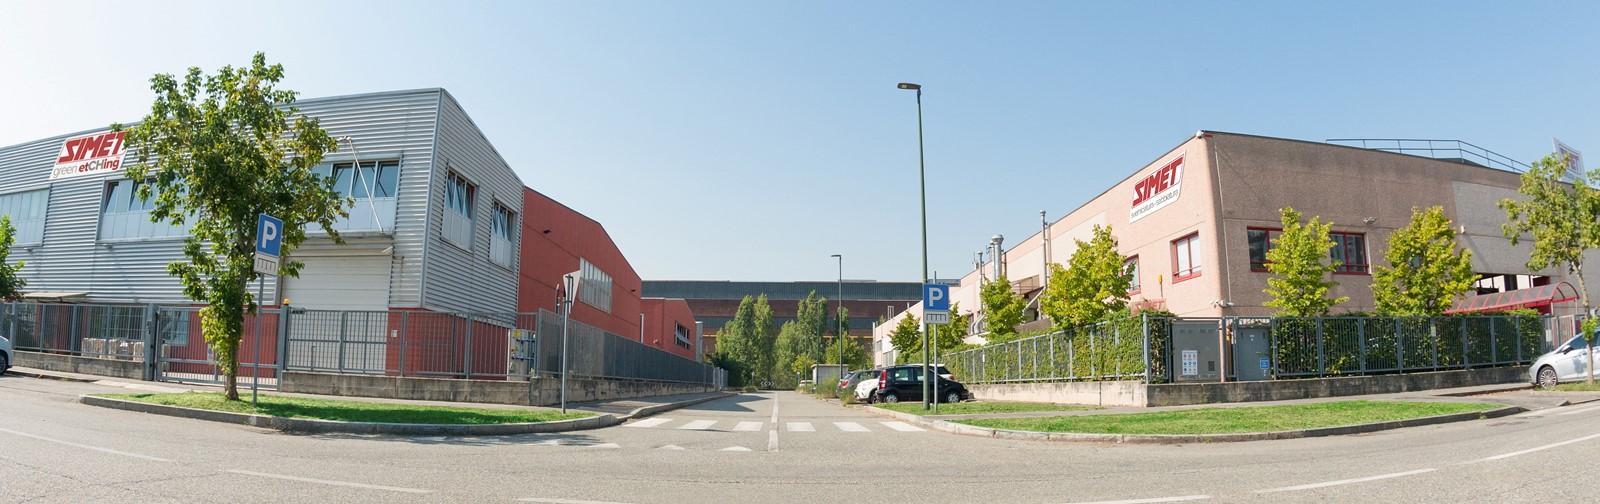 Simet - sede via Feroggio 21 e 29/A